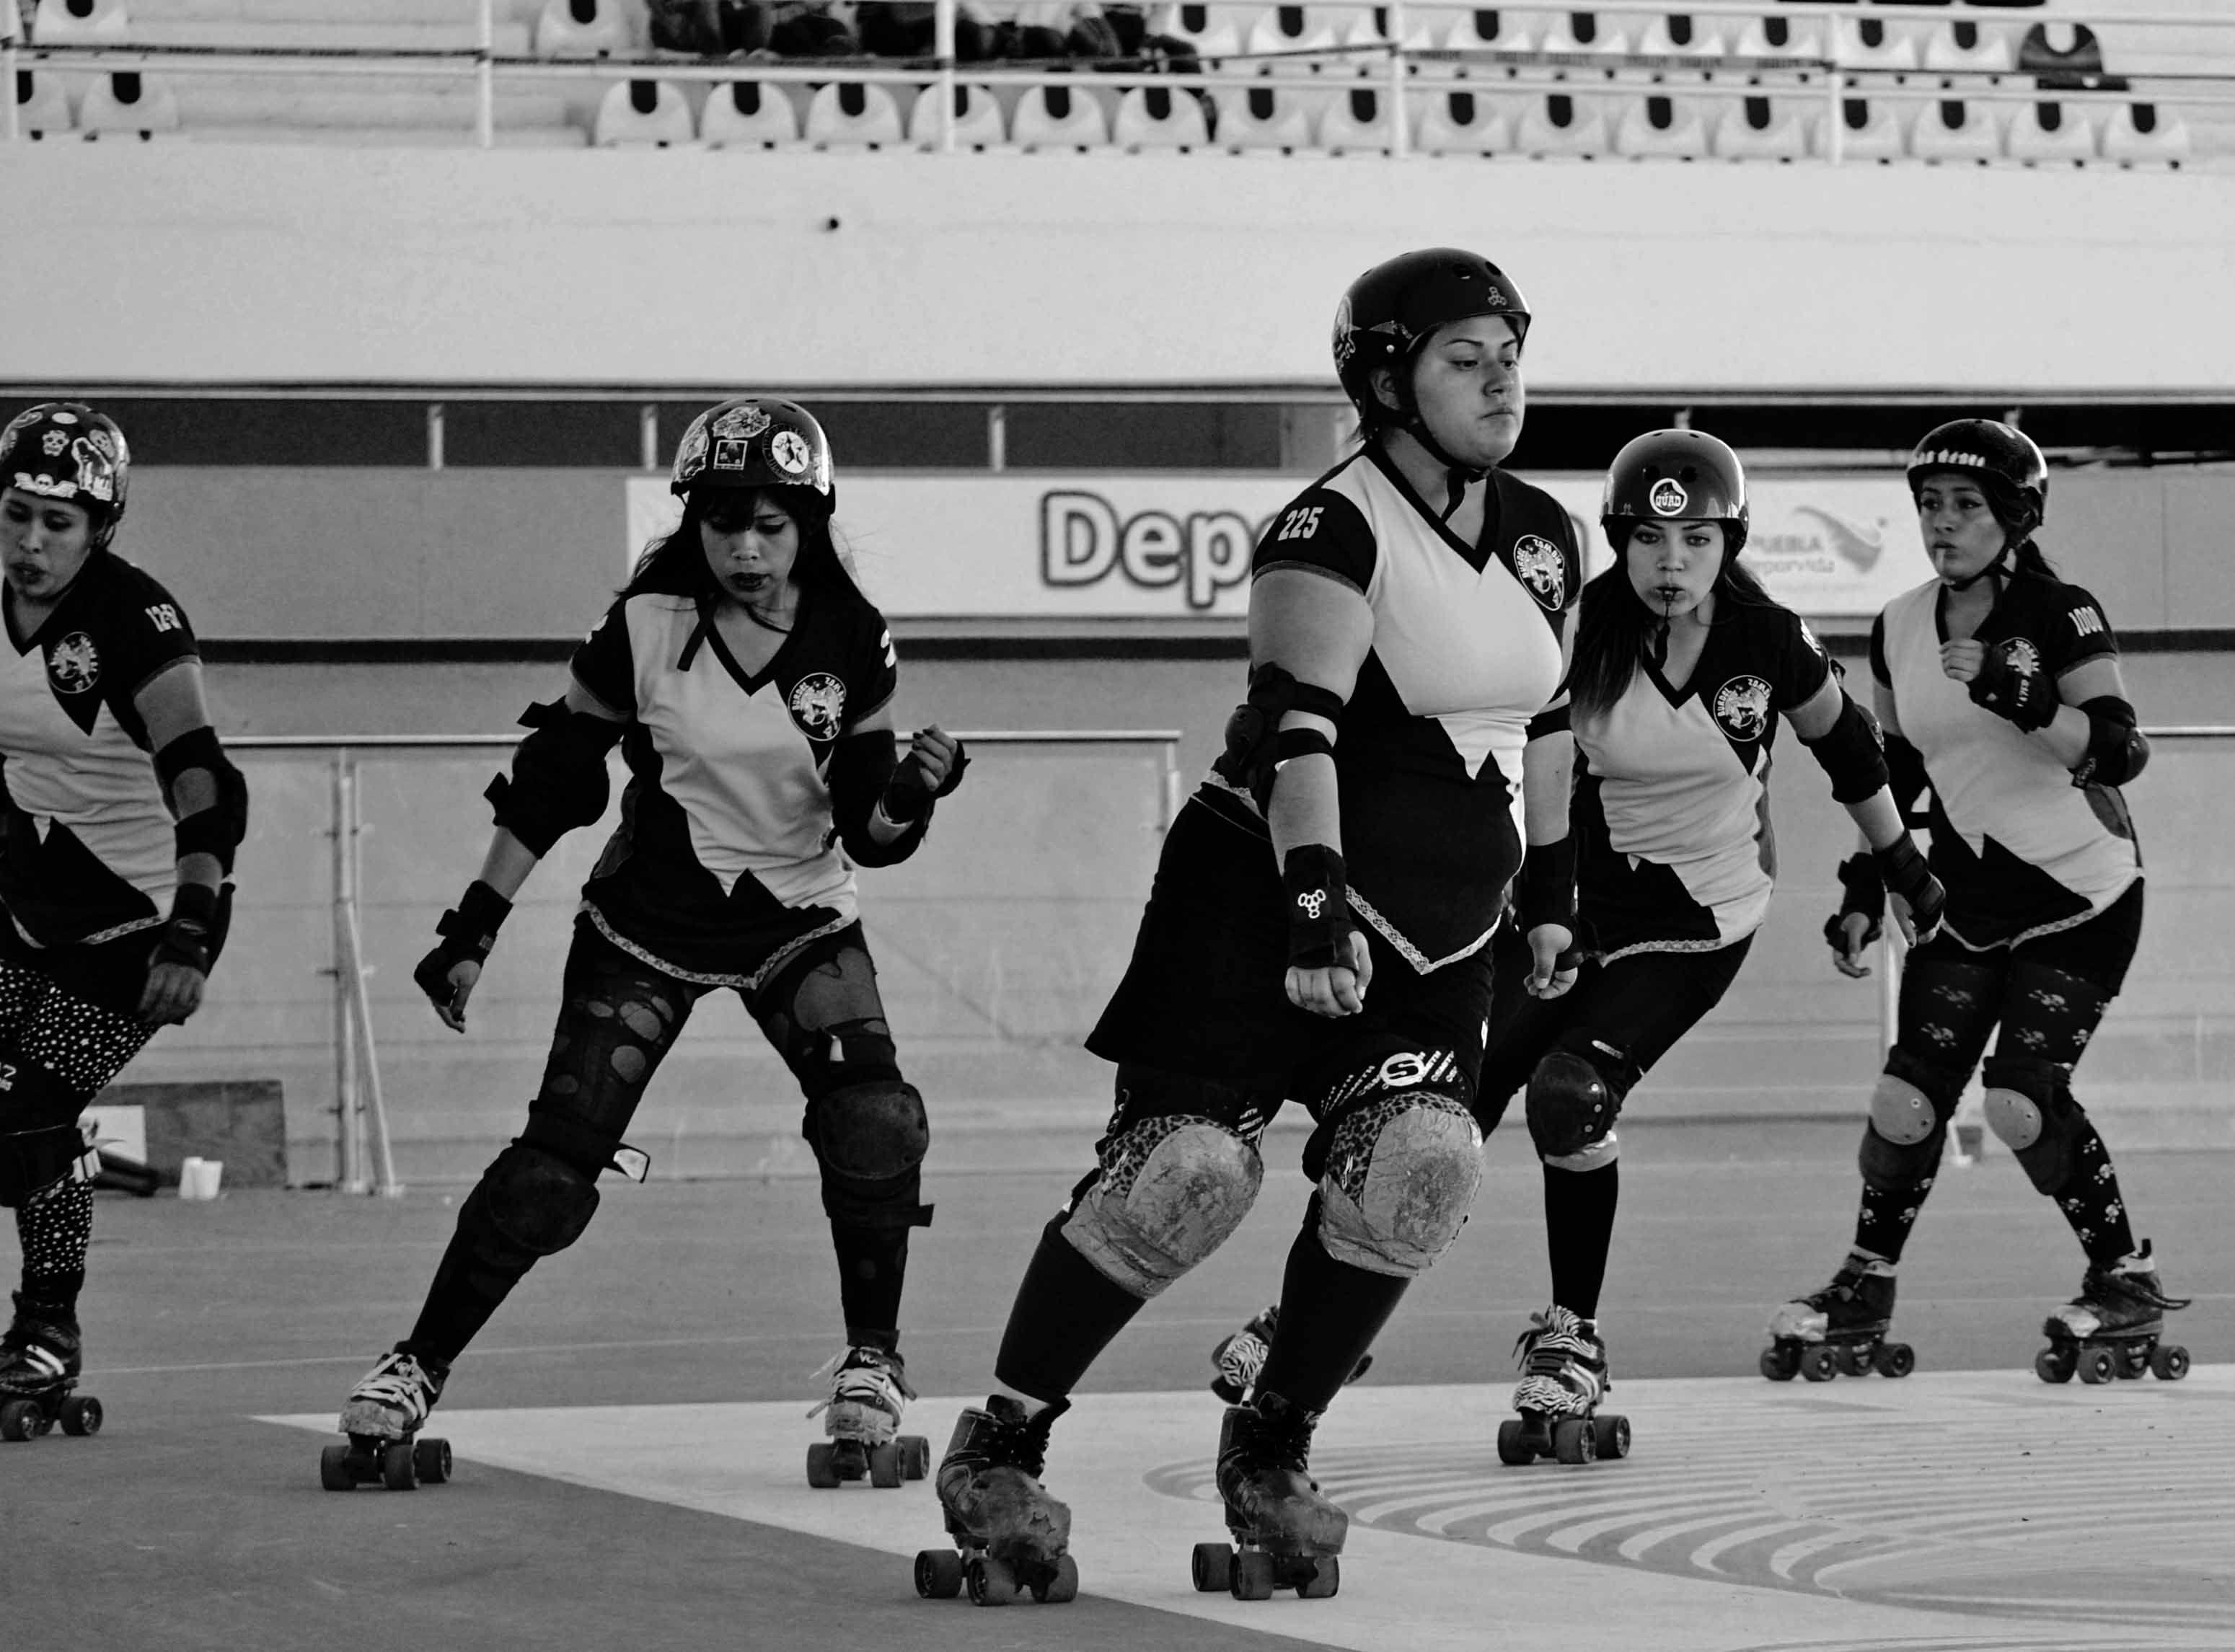 Roller skating derby - Roller Derby Girls